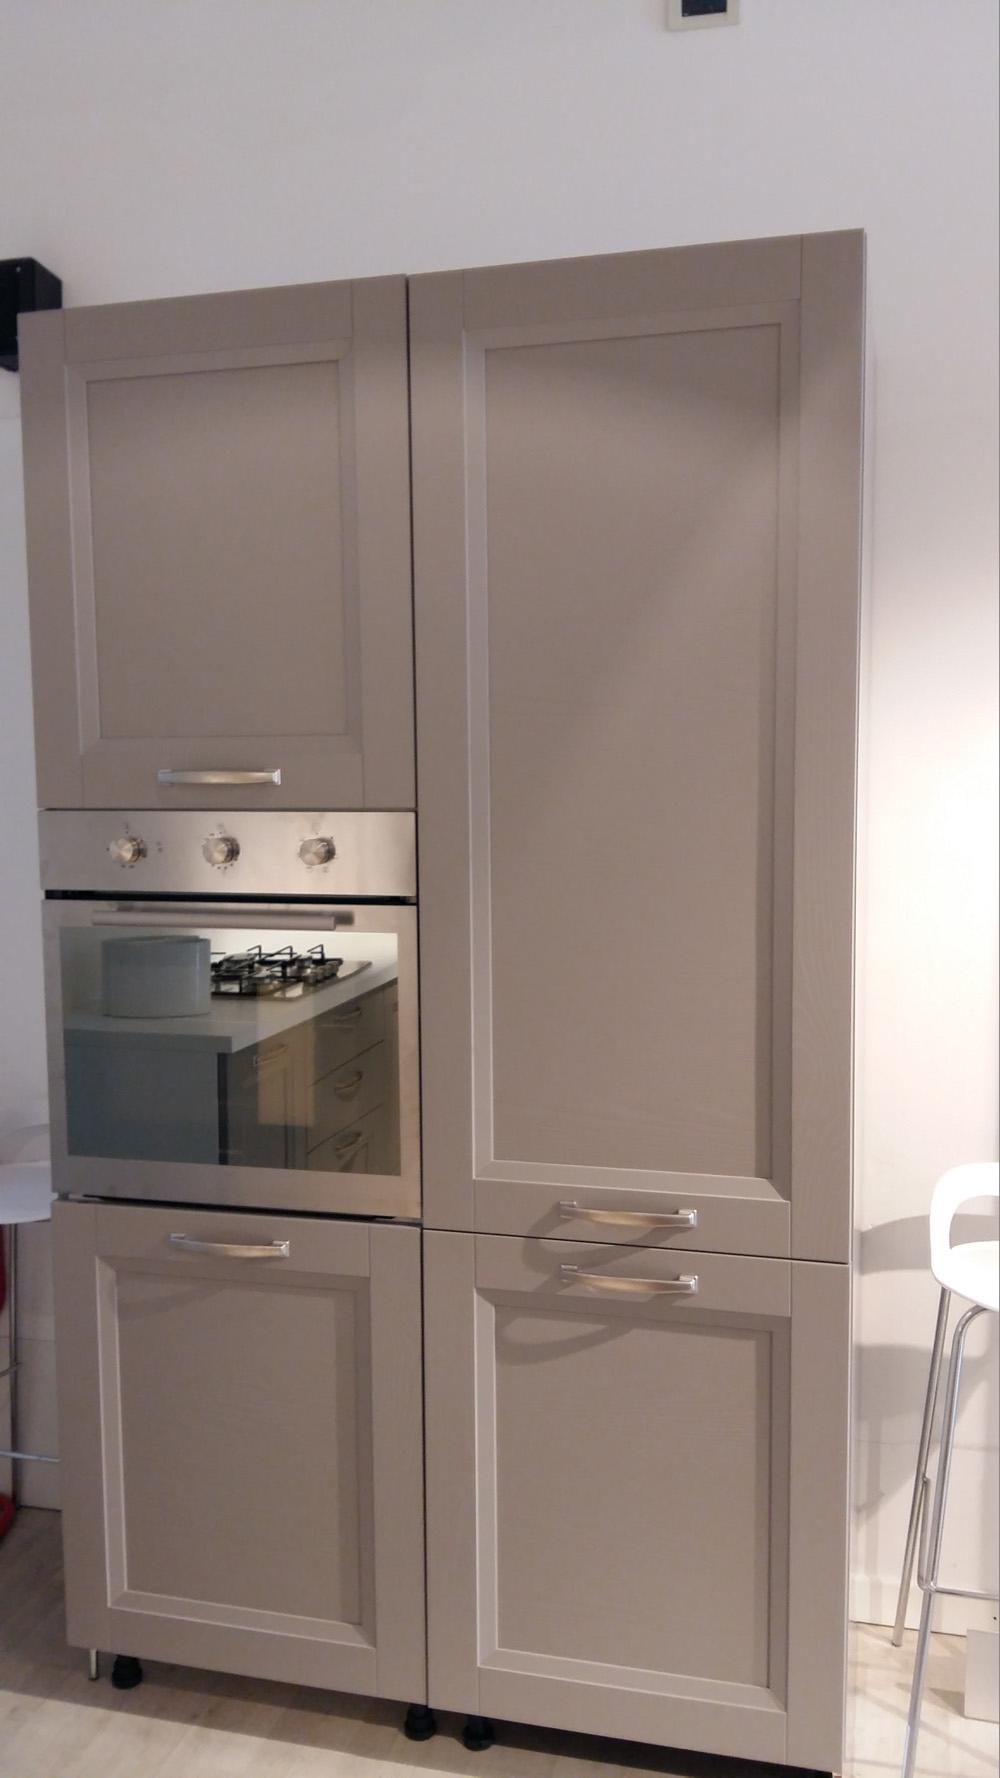 Cucina essebi cucine alba color platino e bianca moderno legno bianca cucine a prezzi scontati - Cucina bianca e legno ...